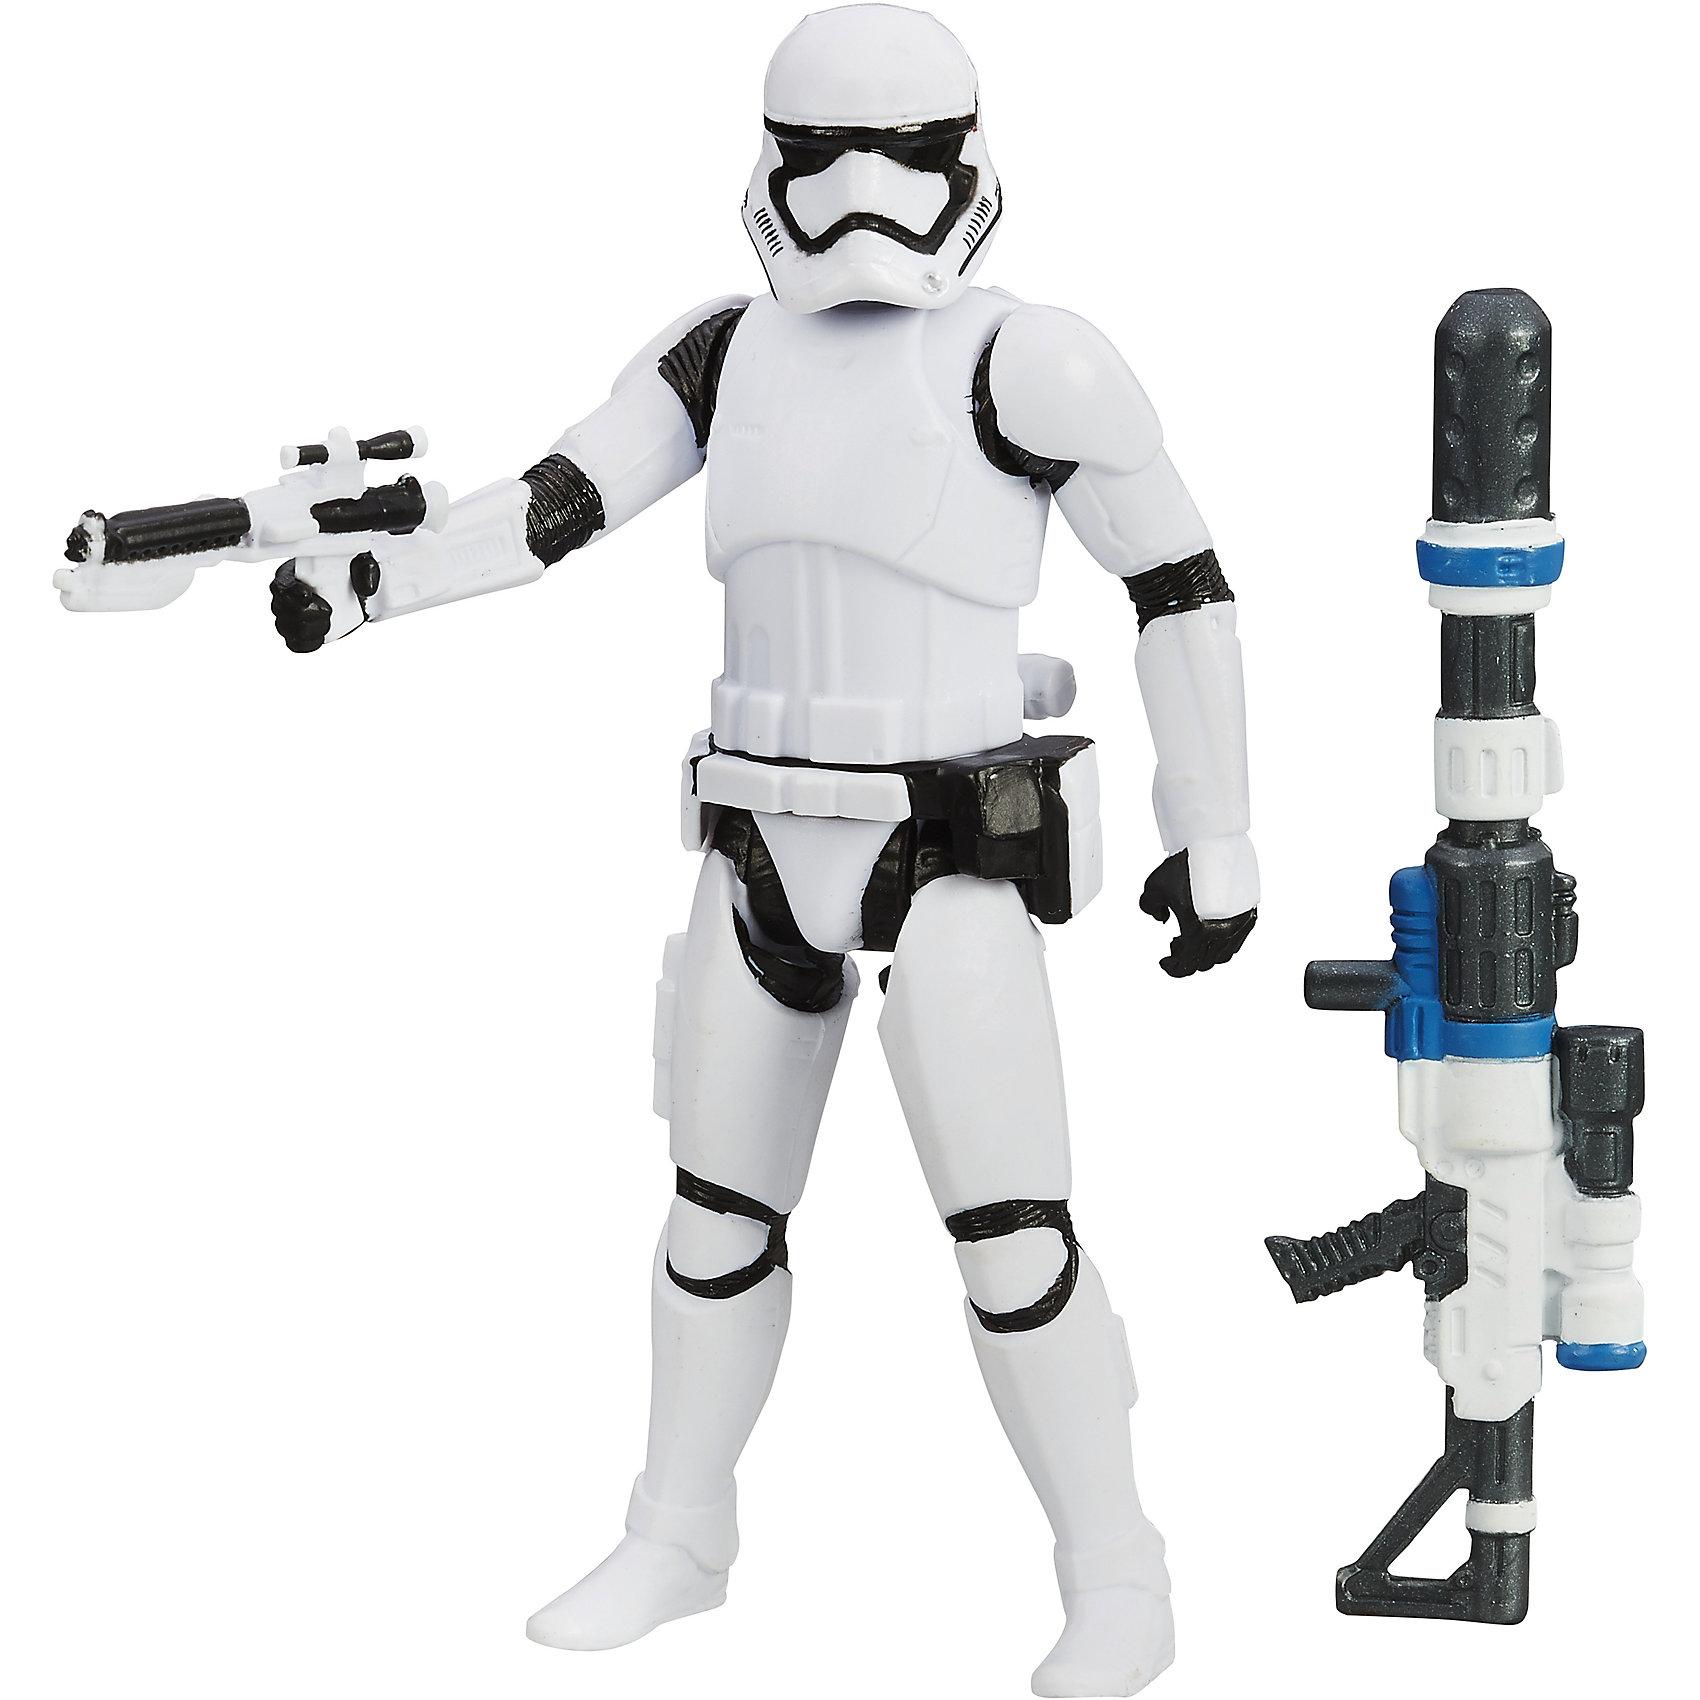 Фигурка вселенной (Пустыня/ Снег), Звездные Войны, B3963/B3964Фигурка вселенной (Пустыня/ Снег), Звездные Войны, Hasbro, станет приятным сюрпризом для Вашего ребенка, особенно если он является поклонником популярной фантастической киносаги Star Wars. В каждый набор входит фигурка участника Снежной миссии или Миссии в пустыне из галактики Звездные Войны (в ассортименте). Игрушка выполнена с высокой степенью детализации и реалистичности. Теперь можно разыгрывать по-настоящему масштабные сражения с любимыми персонажами! У фигурки подвижные части тела, что позволяет придать ей различные позы. К каждому их трёх персонажей одной миссии прилагается оригинальное оружие и составная часть сборного оружия. Собрав и соединив все три детали между собой, можно получить уникальный бластер. Для всех поклонников Звездных войн фигурки составят замечательную коллекцию и дополнят игры новыми персонажами.  Дополнительная информация:  - В комплекте: 1 фигурка, 1 оружие. - Материал: пластик. - Высота фигурки: 9,5 см. - Размер упаковки: 21 х 3 х 14 см. - Вес: 50 гр.   Фигурку вселенной (Пустыня/ Снег), Звездные Войны, Hasbro, можно купить в нашем интернет-магазине.  ВНИМАНИЕ! Данный артикул имеется в наличии в разных вариантах исполнения. Заранее выбрать определенный вариант нельзя. При заказе нескольких фигурок возможно получение одинаковых.<br><br>Ширина мм: 210<br>Глубина мм: 140<br>Высота мм: 37<br>Вес г: 63<br>Возраст от месяцев: 48<br>Возраст до месяцев: 96<br>Пол: Мужской<br>Возраст: Детский<br>SKU: 4803343